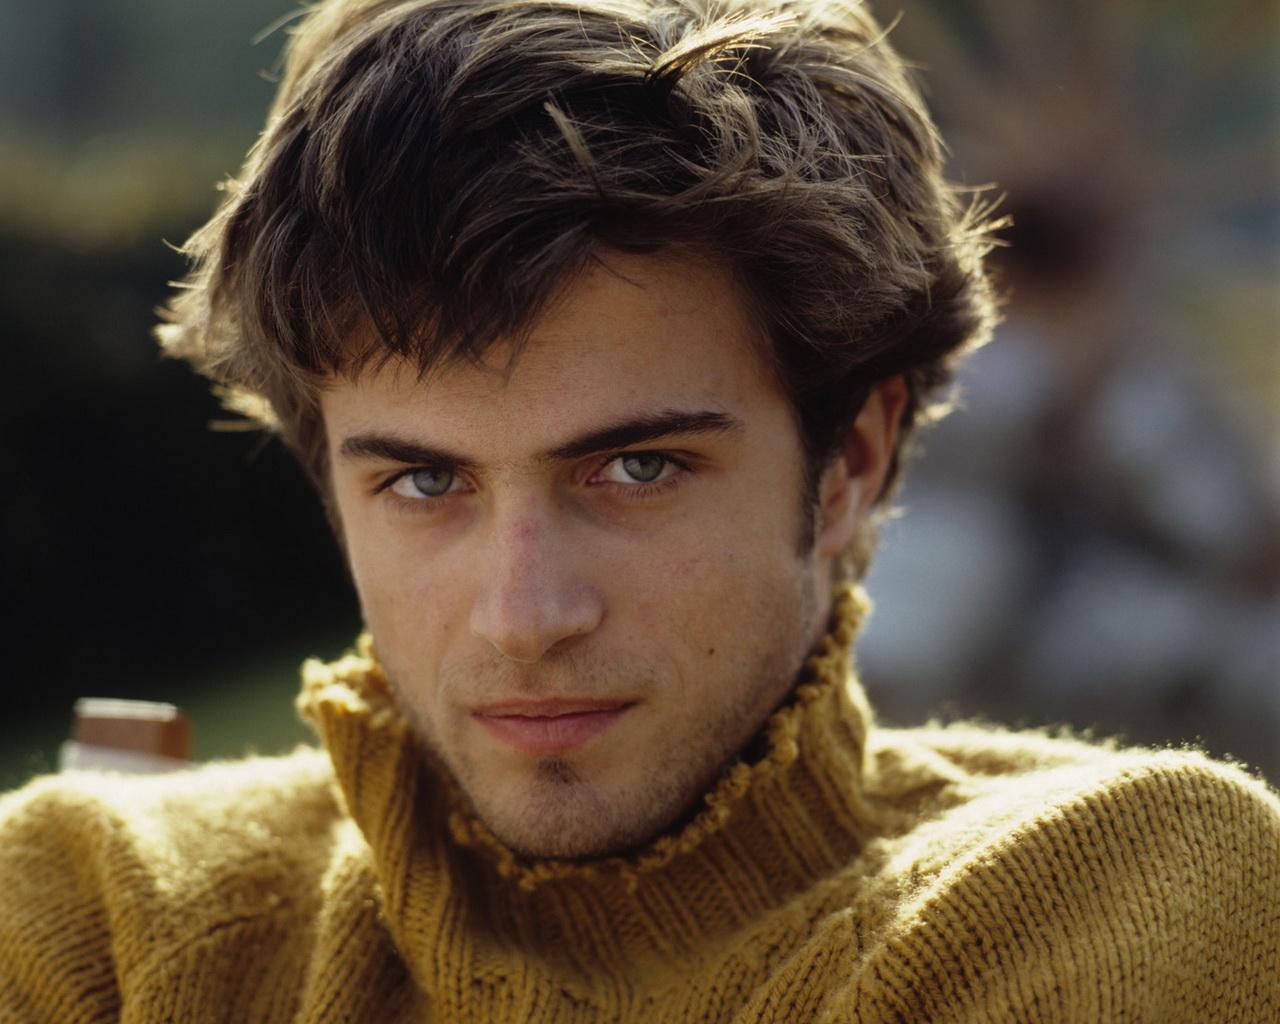 Hot Italian Actors